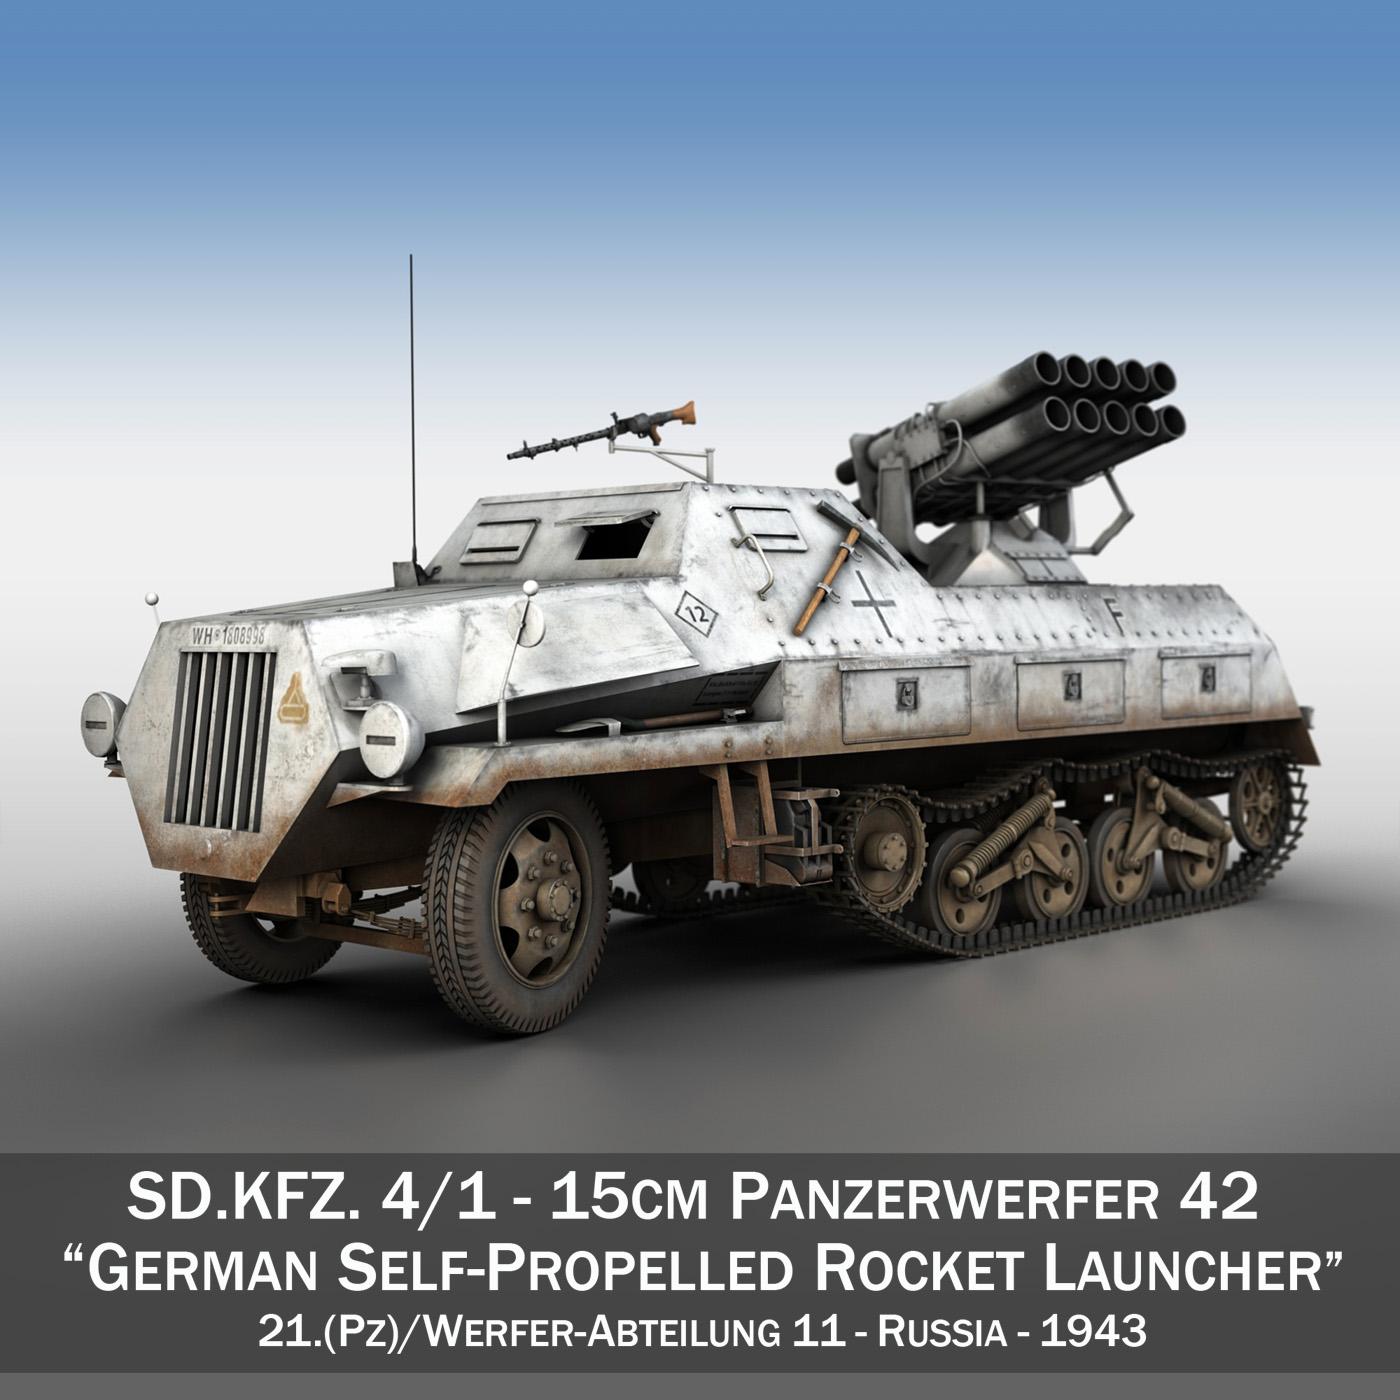 sdkfz 4/1 – panzerwerfer 42 – wa11 3d model 3ds fbx c4d lwo obj 269347